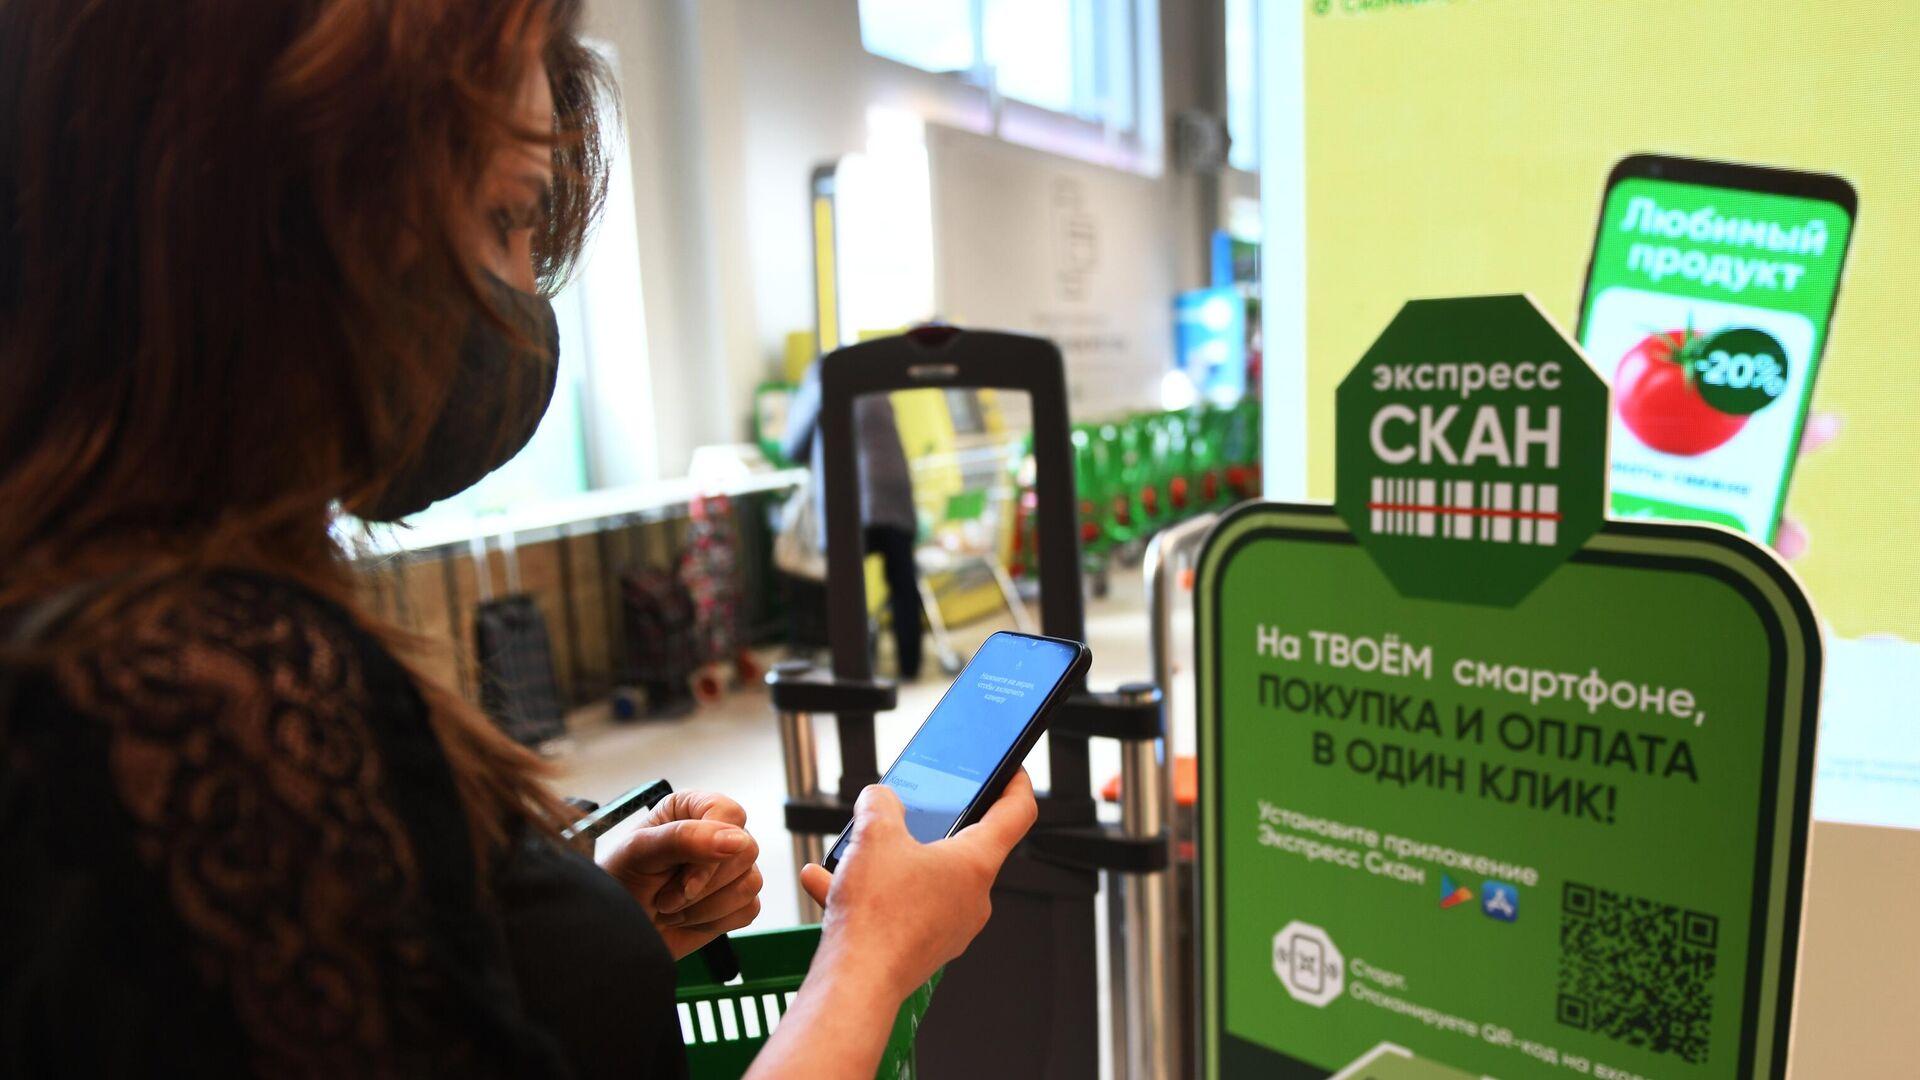 Девушка устанавливает мобильное приложение на смартфон, с помощью которого можно совершать бесконтактную оплату покупок - РИА Новости, 1920, 23.10.2020